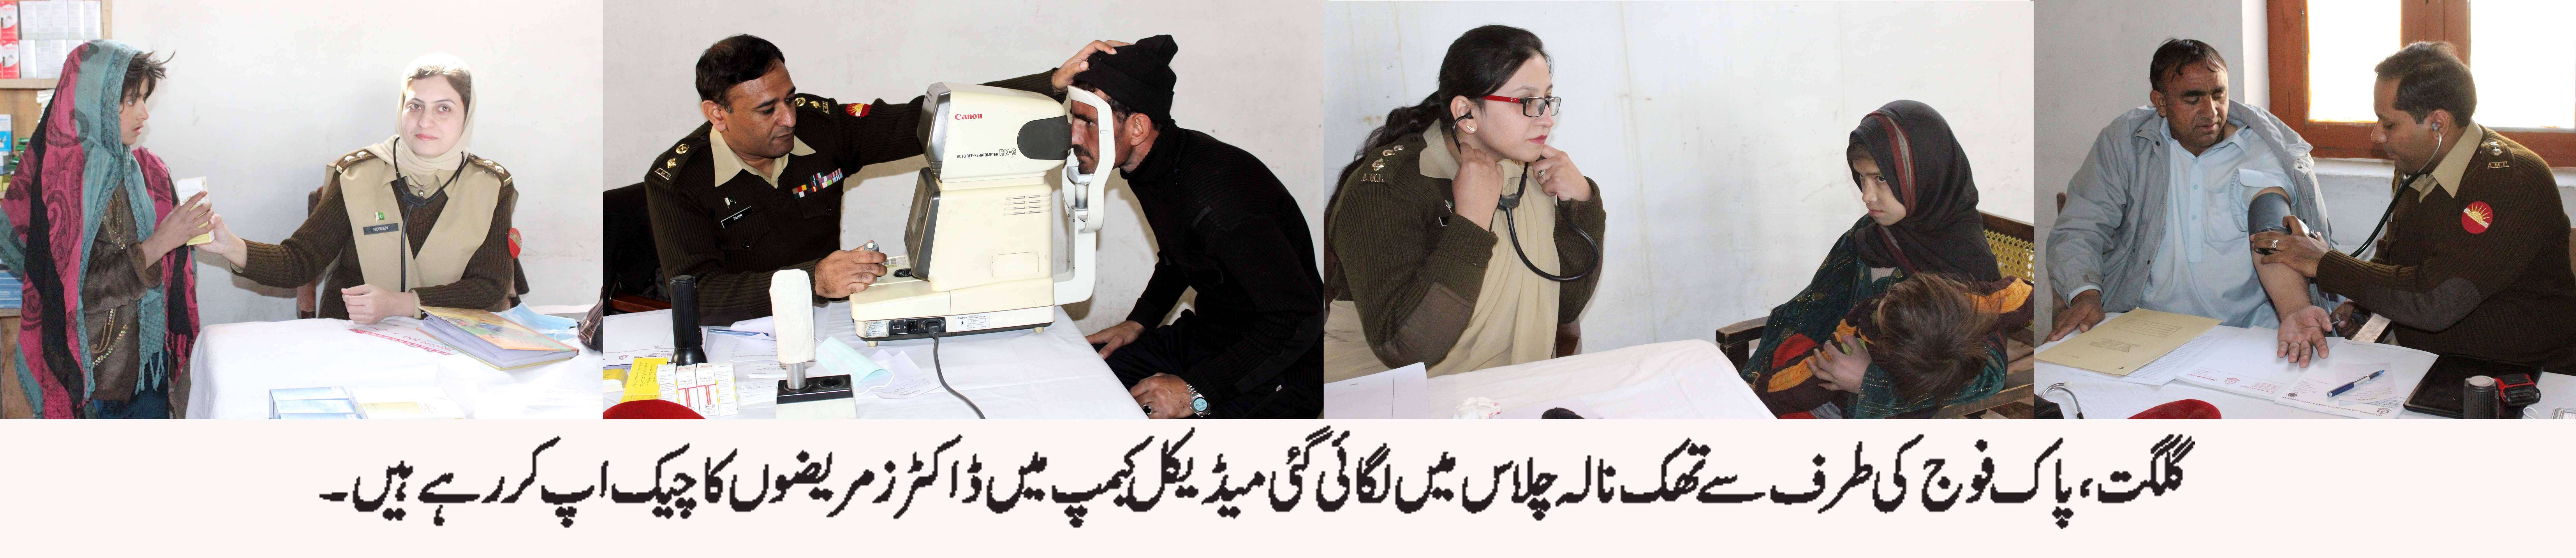 گلگت بلتستان پاکستان کا اٹوٹ انگ ہے، میجر جنرل عاصم منیر احمد